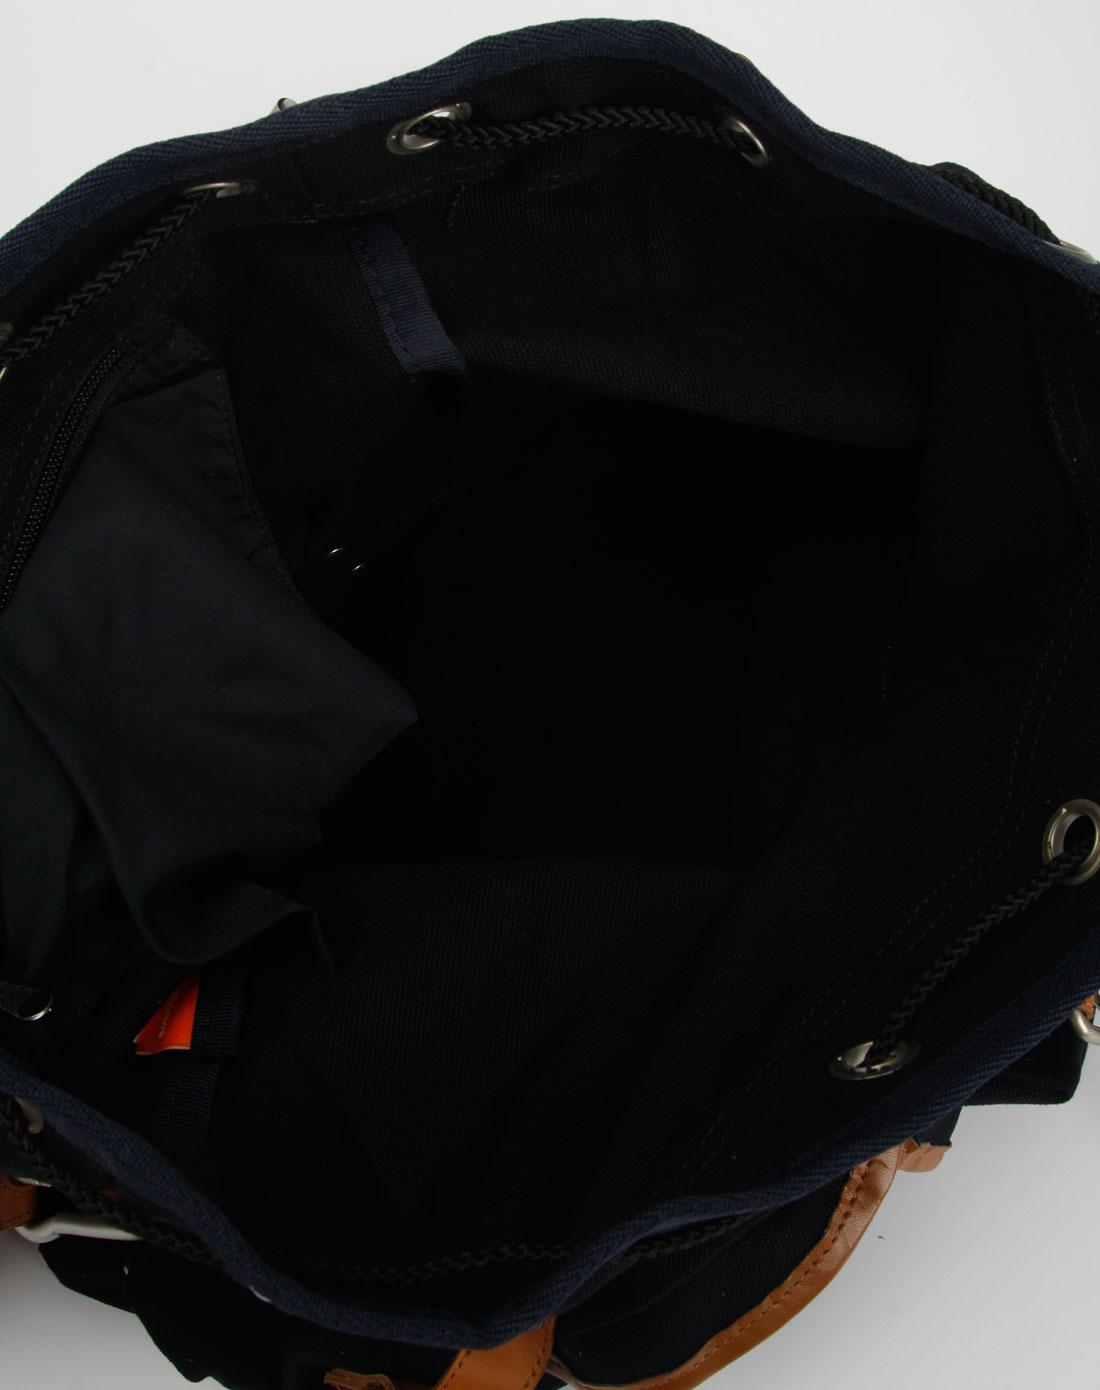 中性黑/棕色双肩背包图片